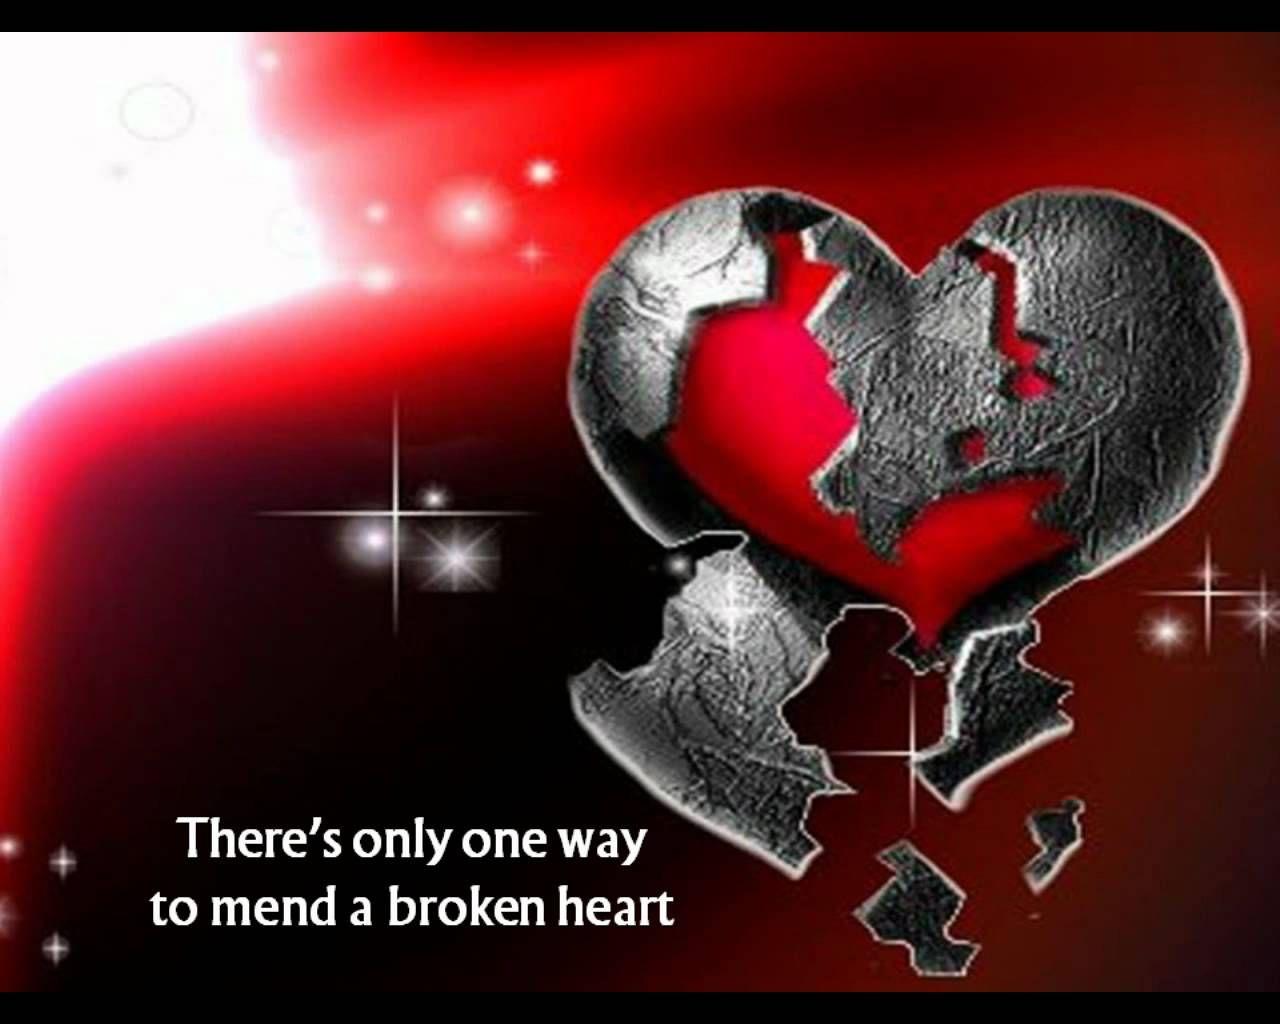 Poemas De Amor Con El Corazon Roto Wailin Jennys Beautiful Dawn Fotos De Corazon Roto Imagenes